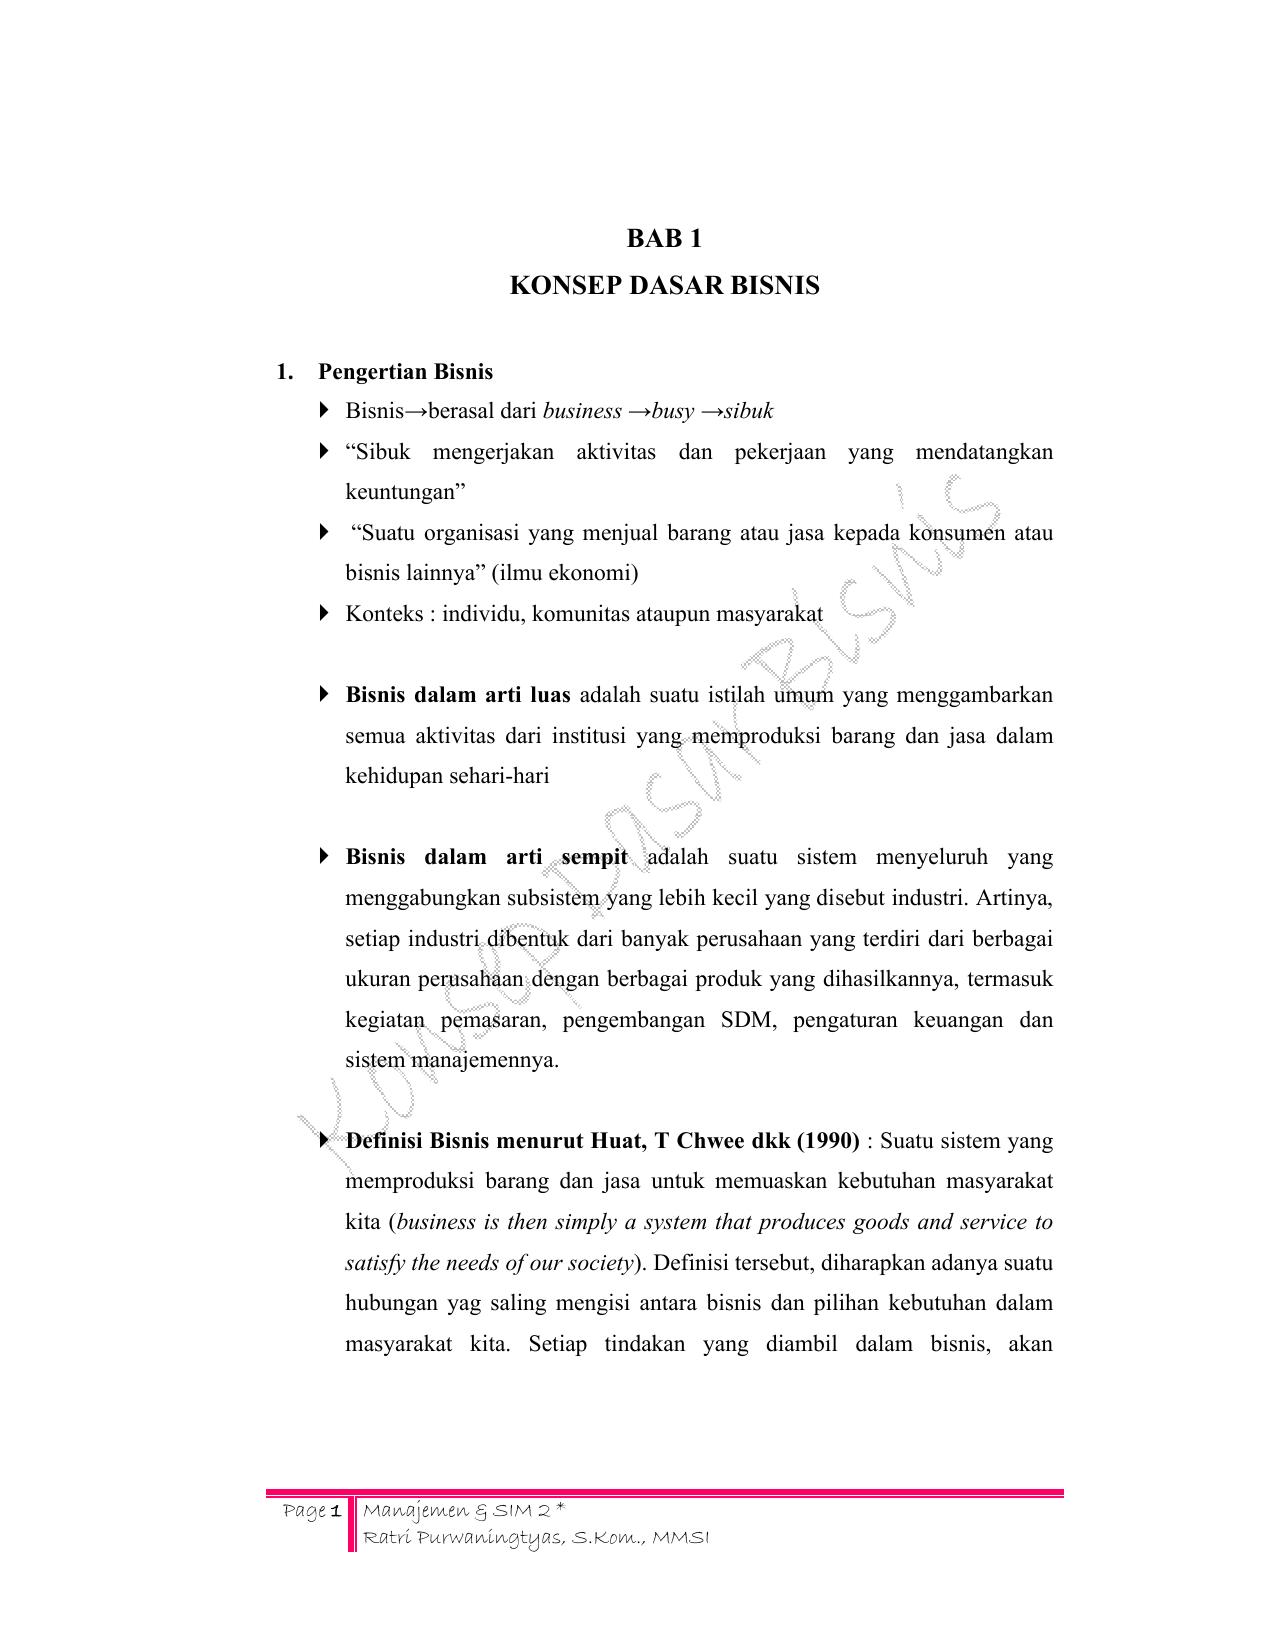 Pengertian Bisnis – Bentuk, Pengelompokan, Karakteristik, Jenis, Tujuan, Para Ahli